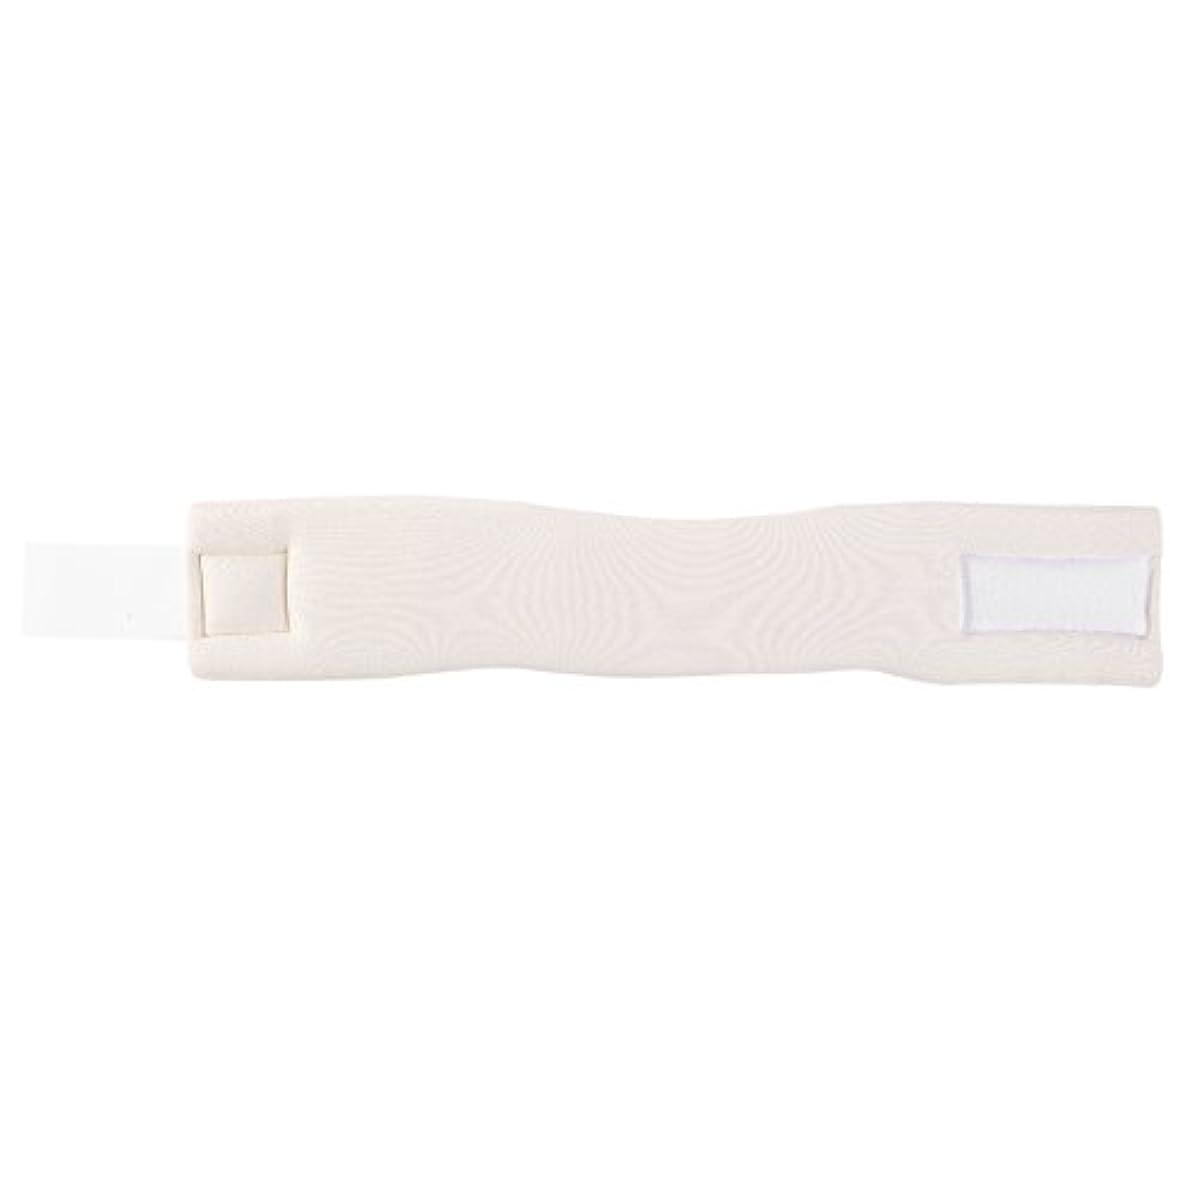 スライムフェンス囲い調整可能なソフトフォームネックブレースサポート転位固定痛み軽減頸部カラー(M)